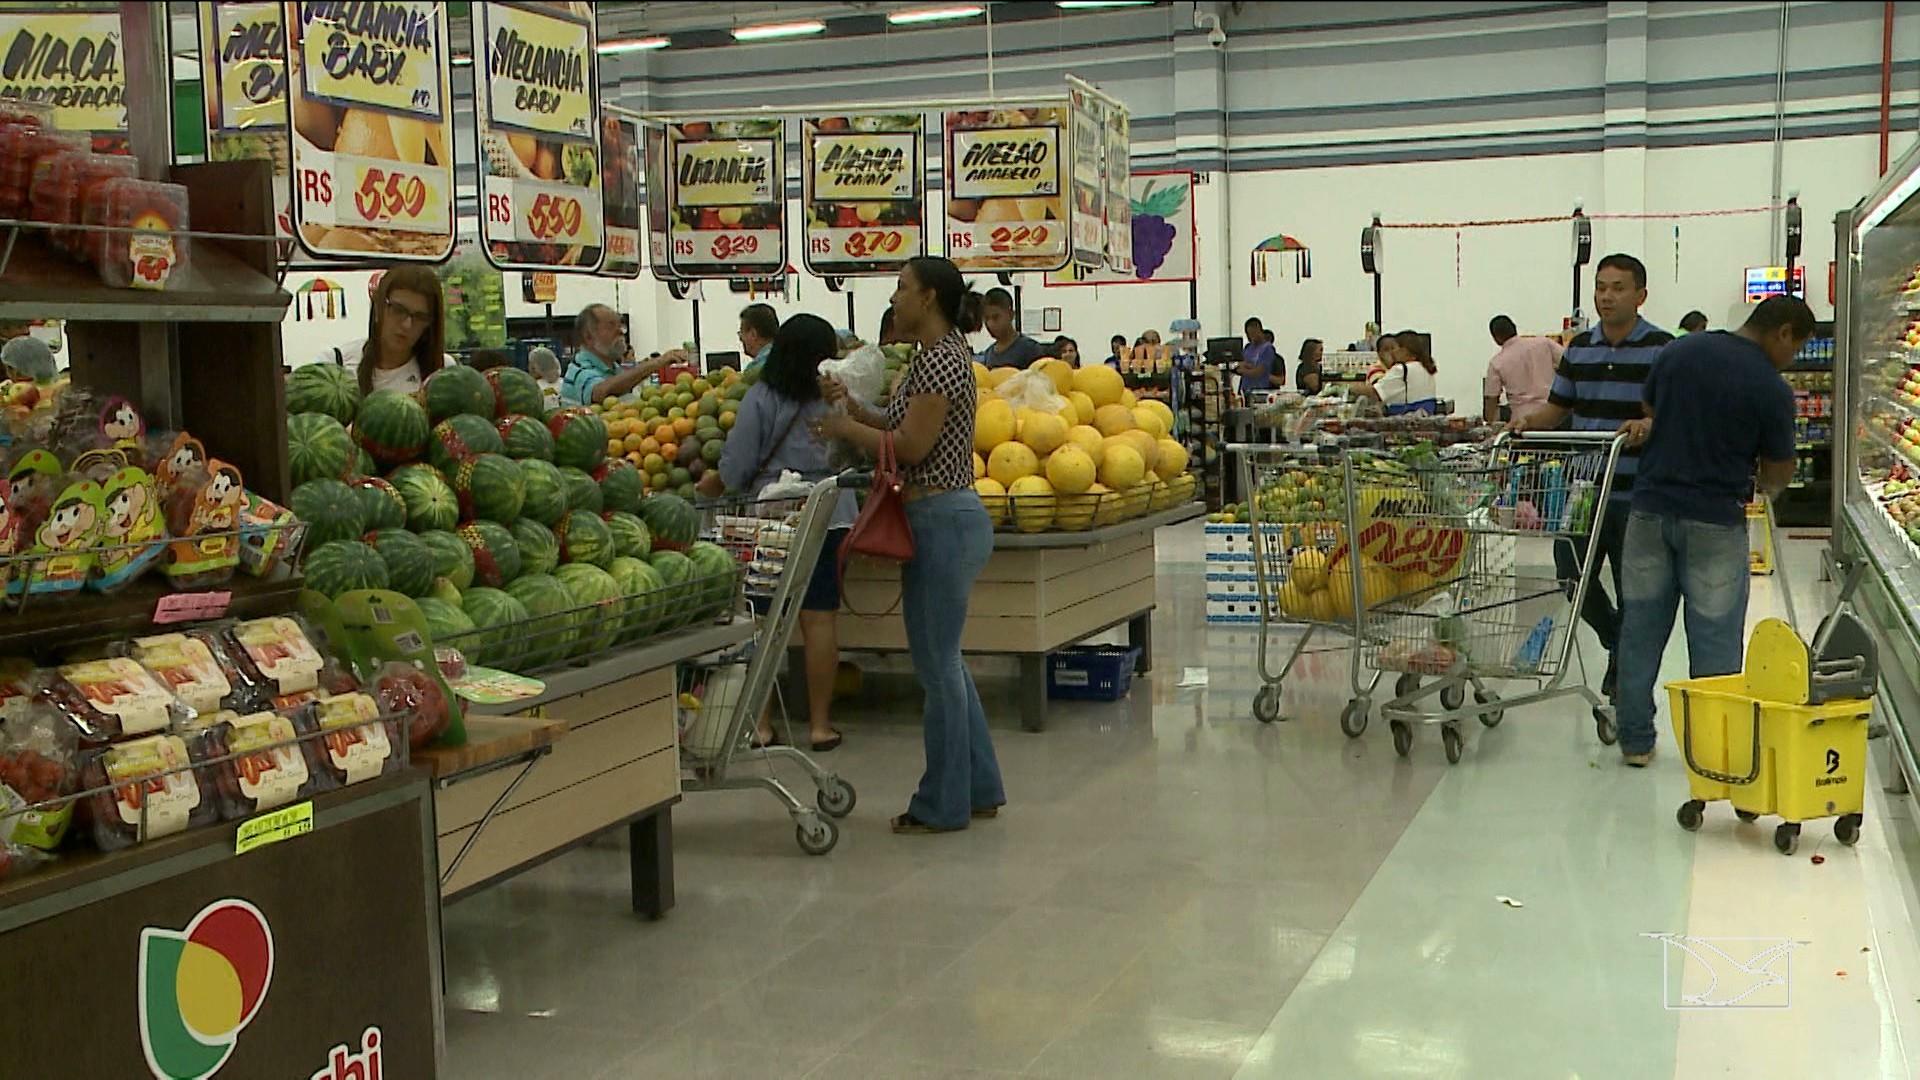 Valor da cesta básica de Aracaju ficou em R$ 344,92 no mês de agosto - Radio Evangelho Gospel